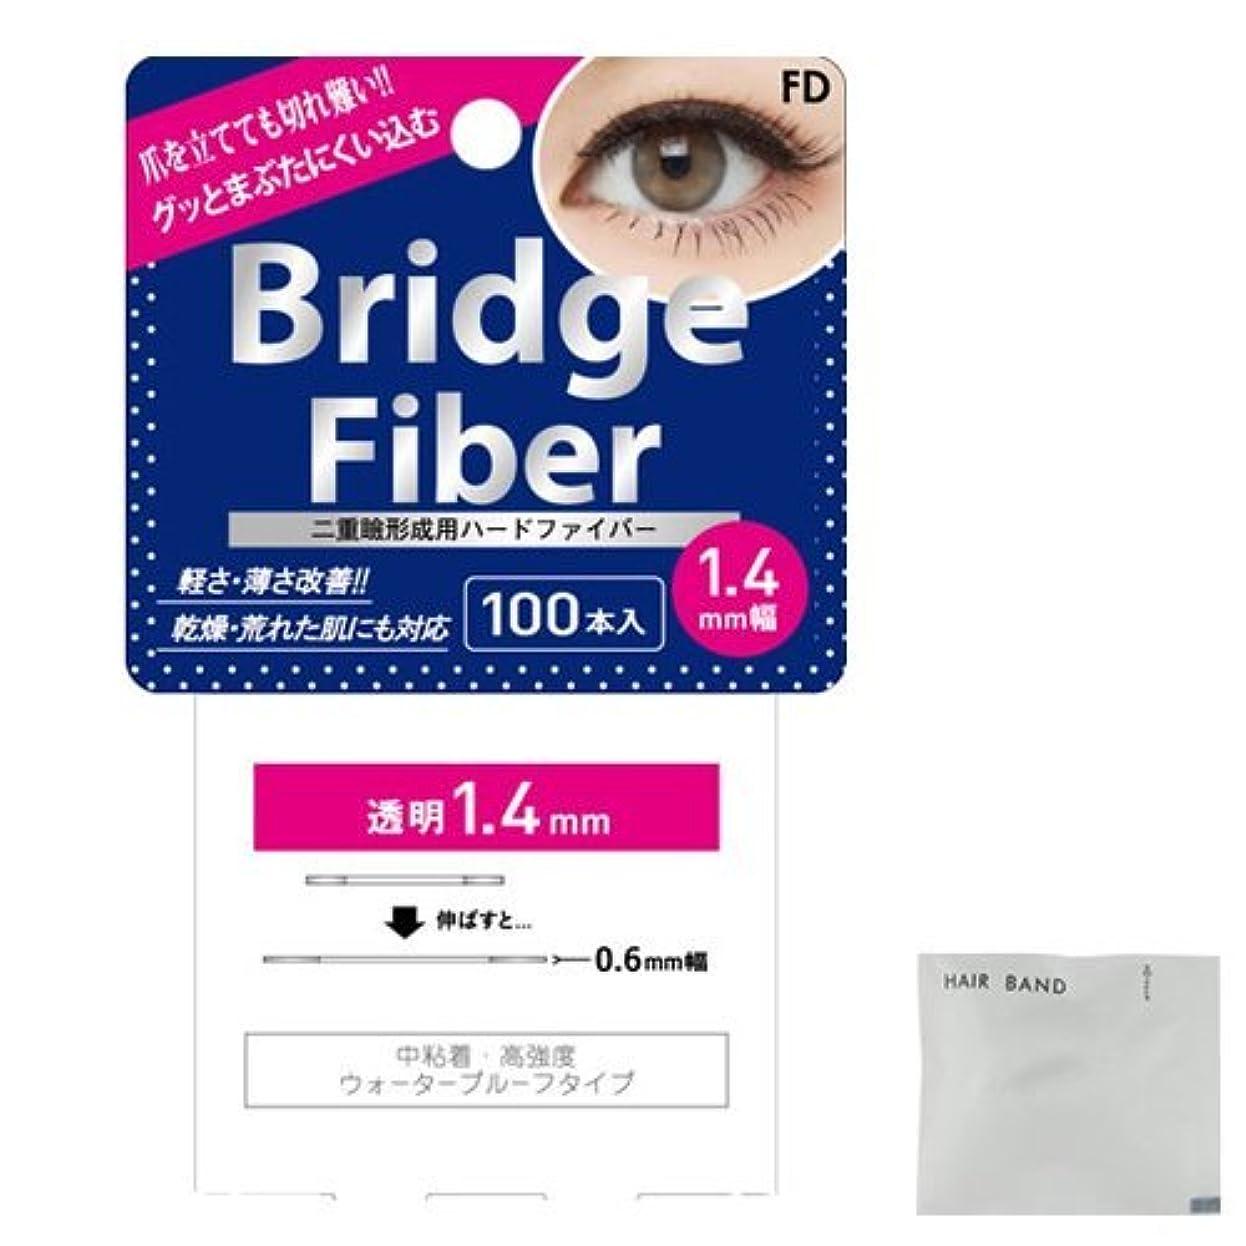 居間縮れた悲観主義者FD ブリッジファイバーⅡ (Bridge Fiber) クリア1.4mm + ヘアゴム(カラーはおまかせ)セット